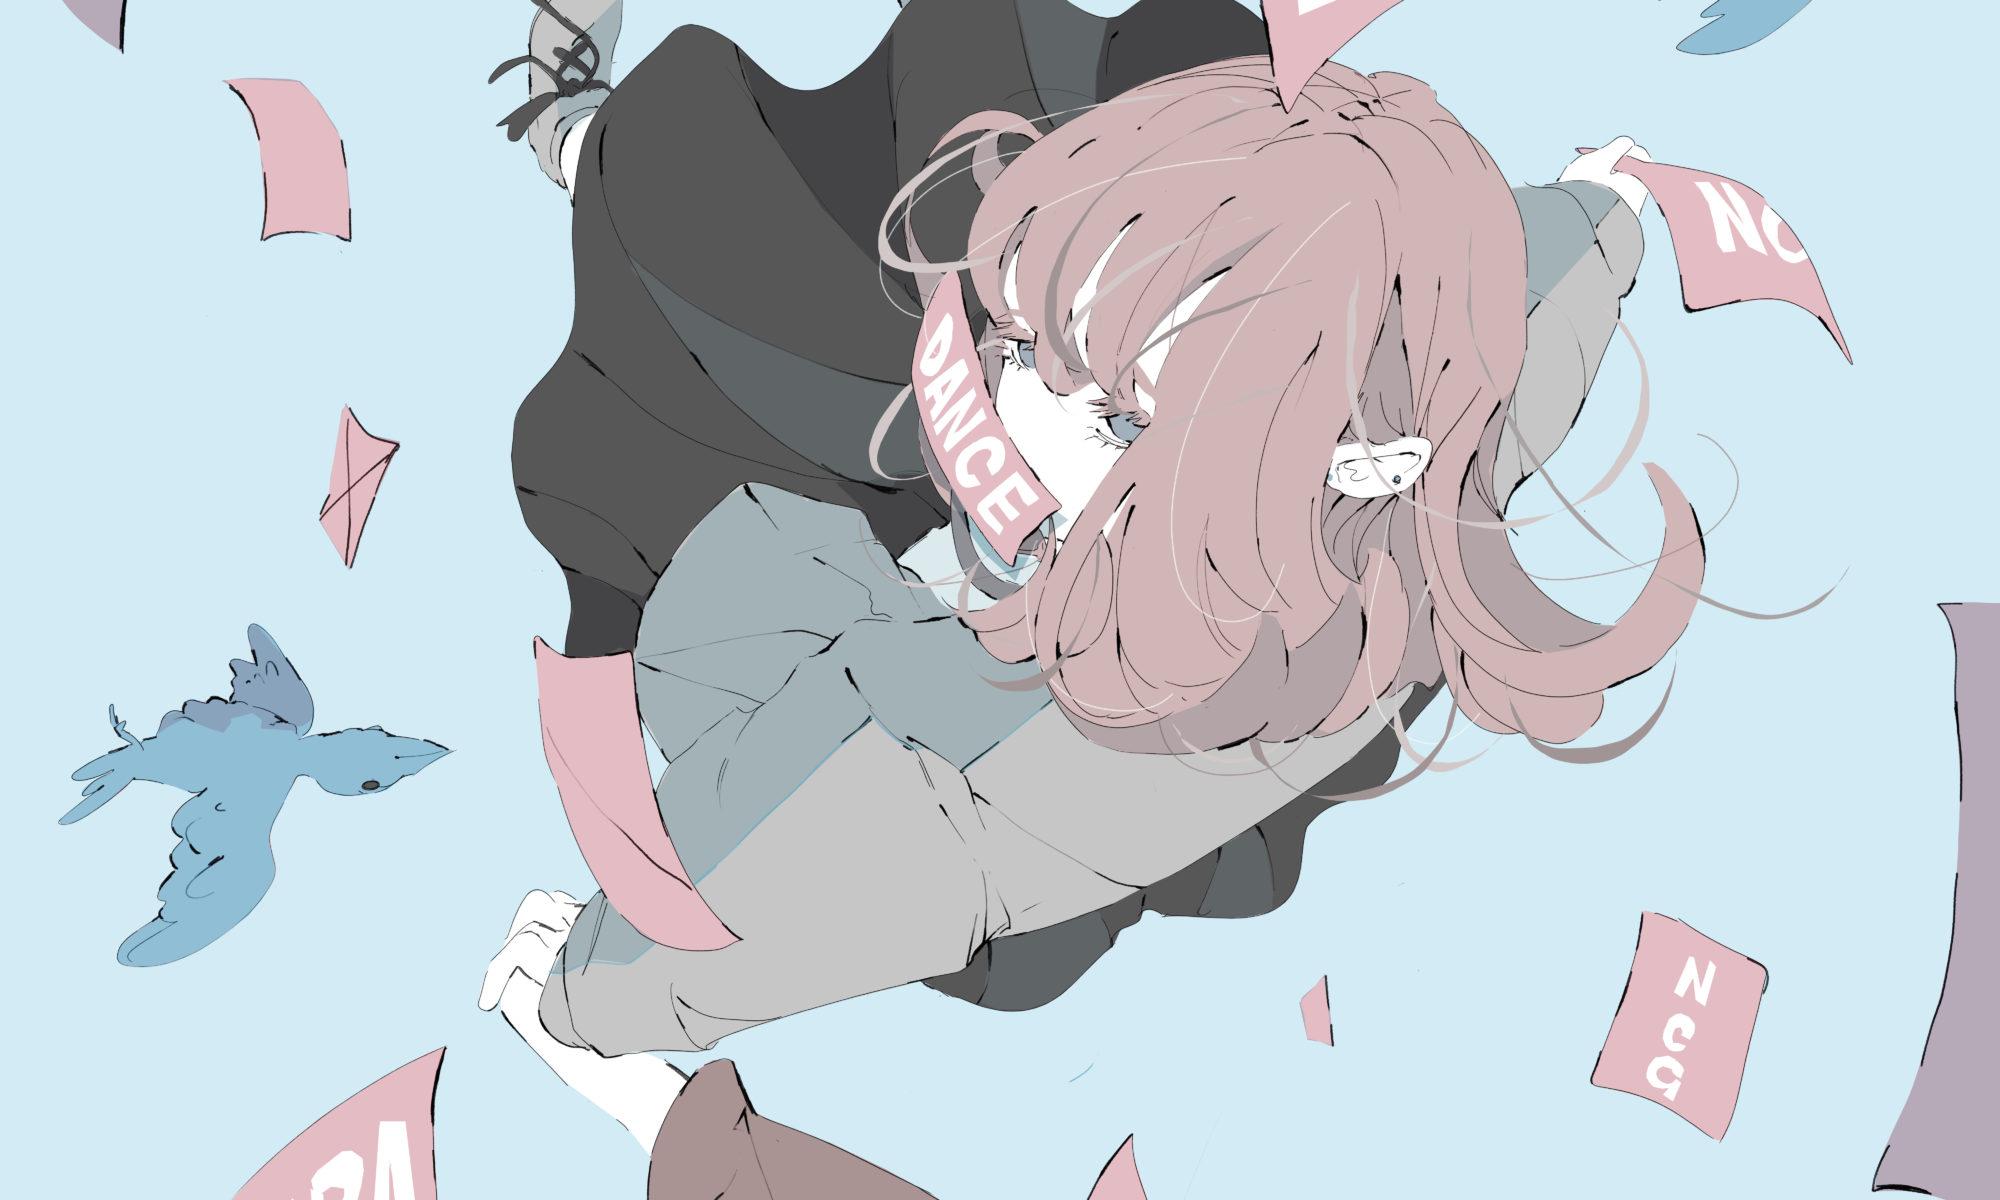 空で手をつなぐ女の子のフリーイラスト